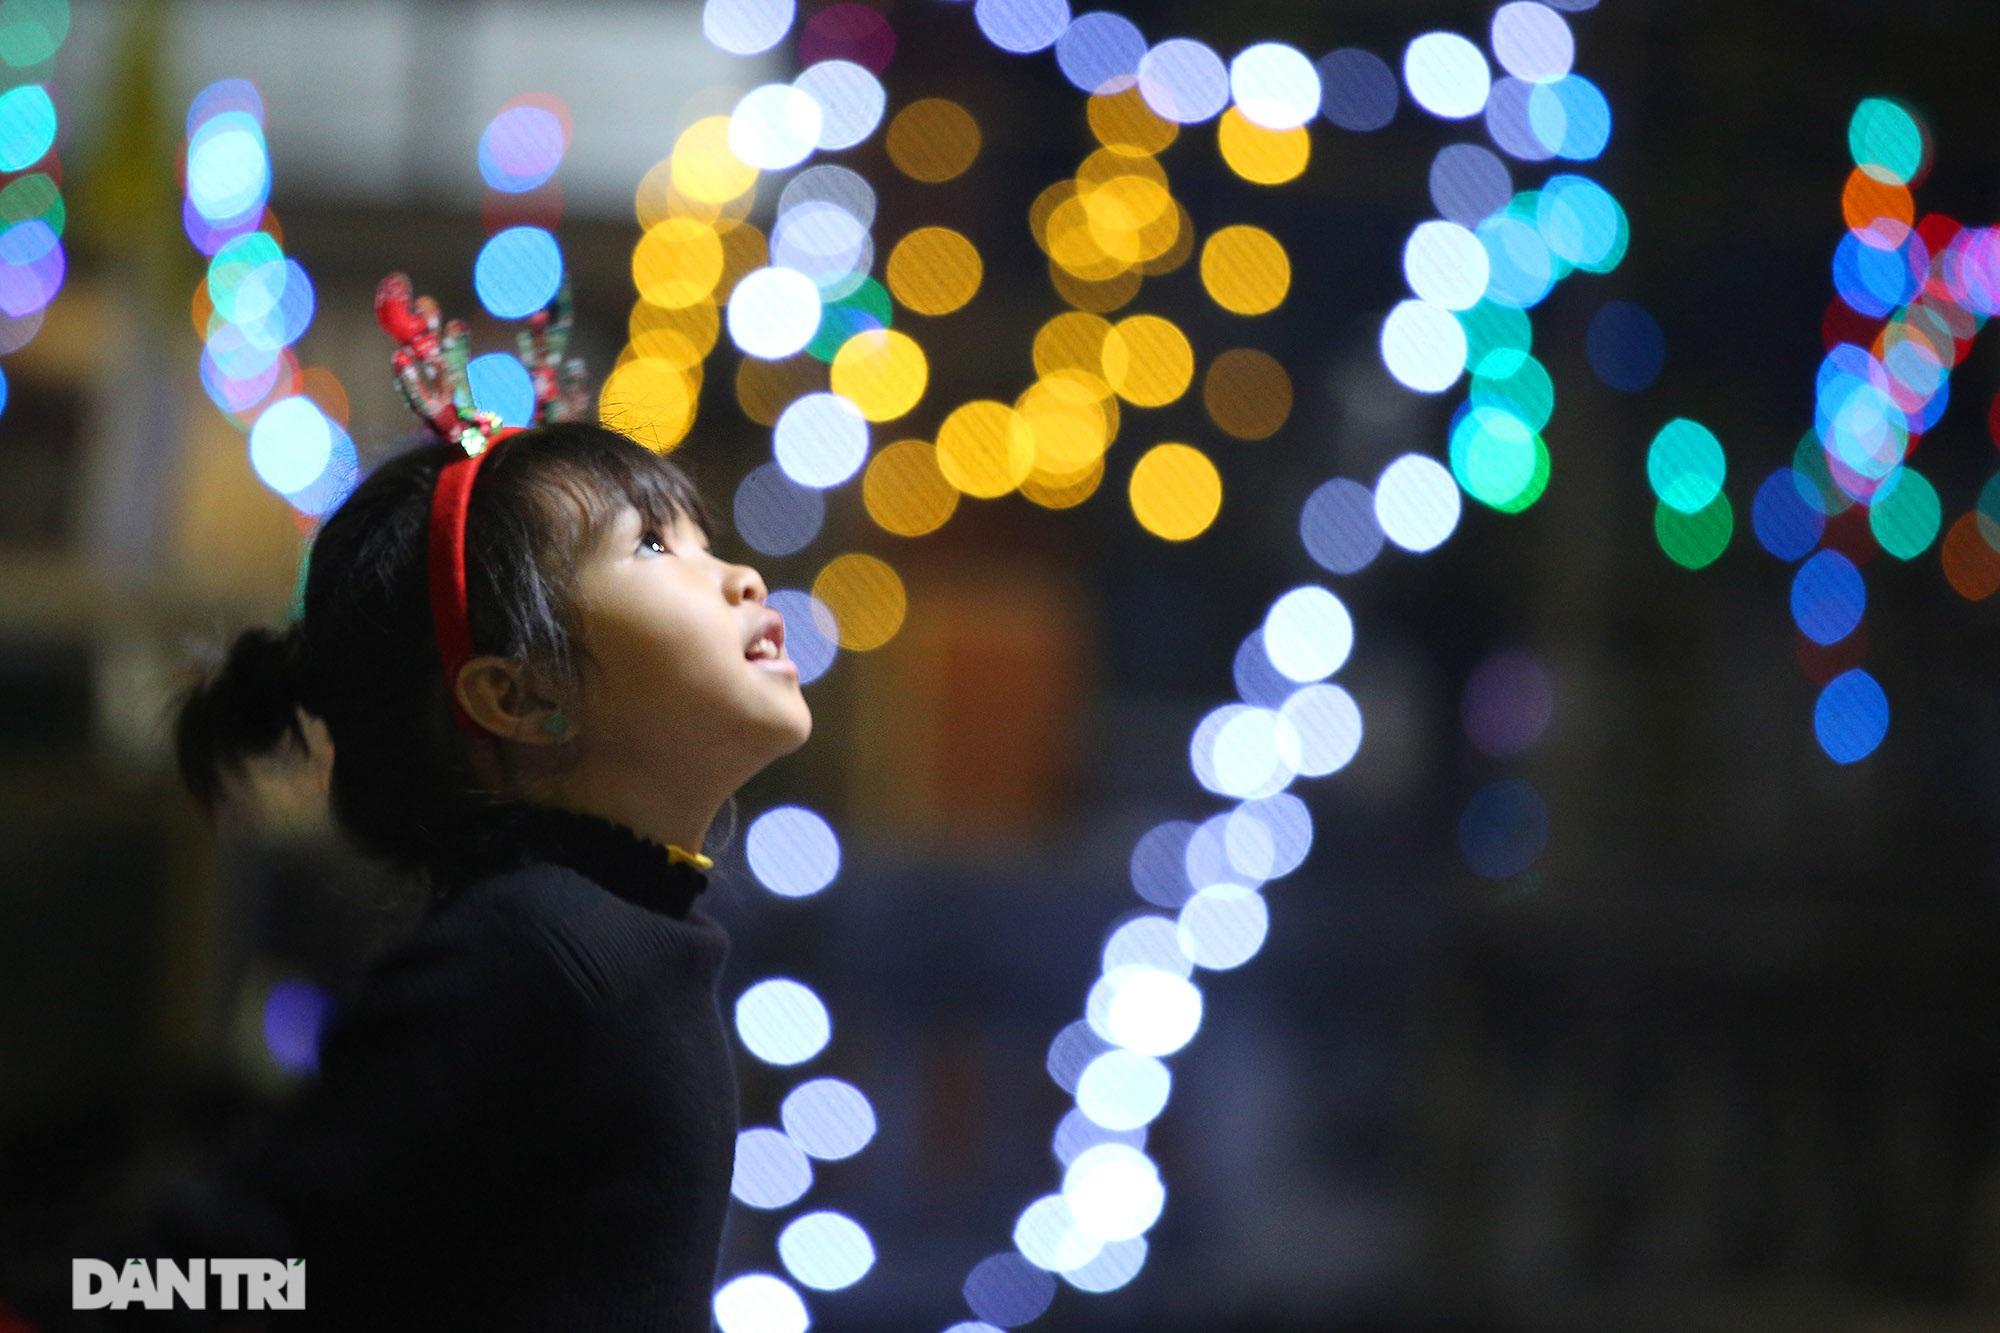 Đêm Giáng sinh lung linh ánh đèn tại xứ đạo Thạch Bích - 5